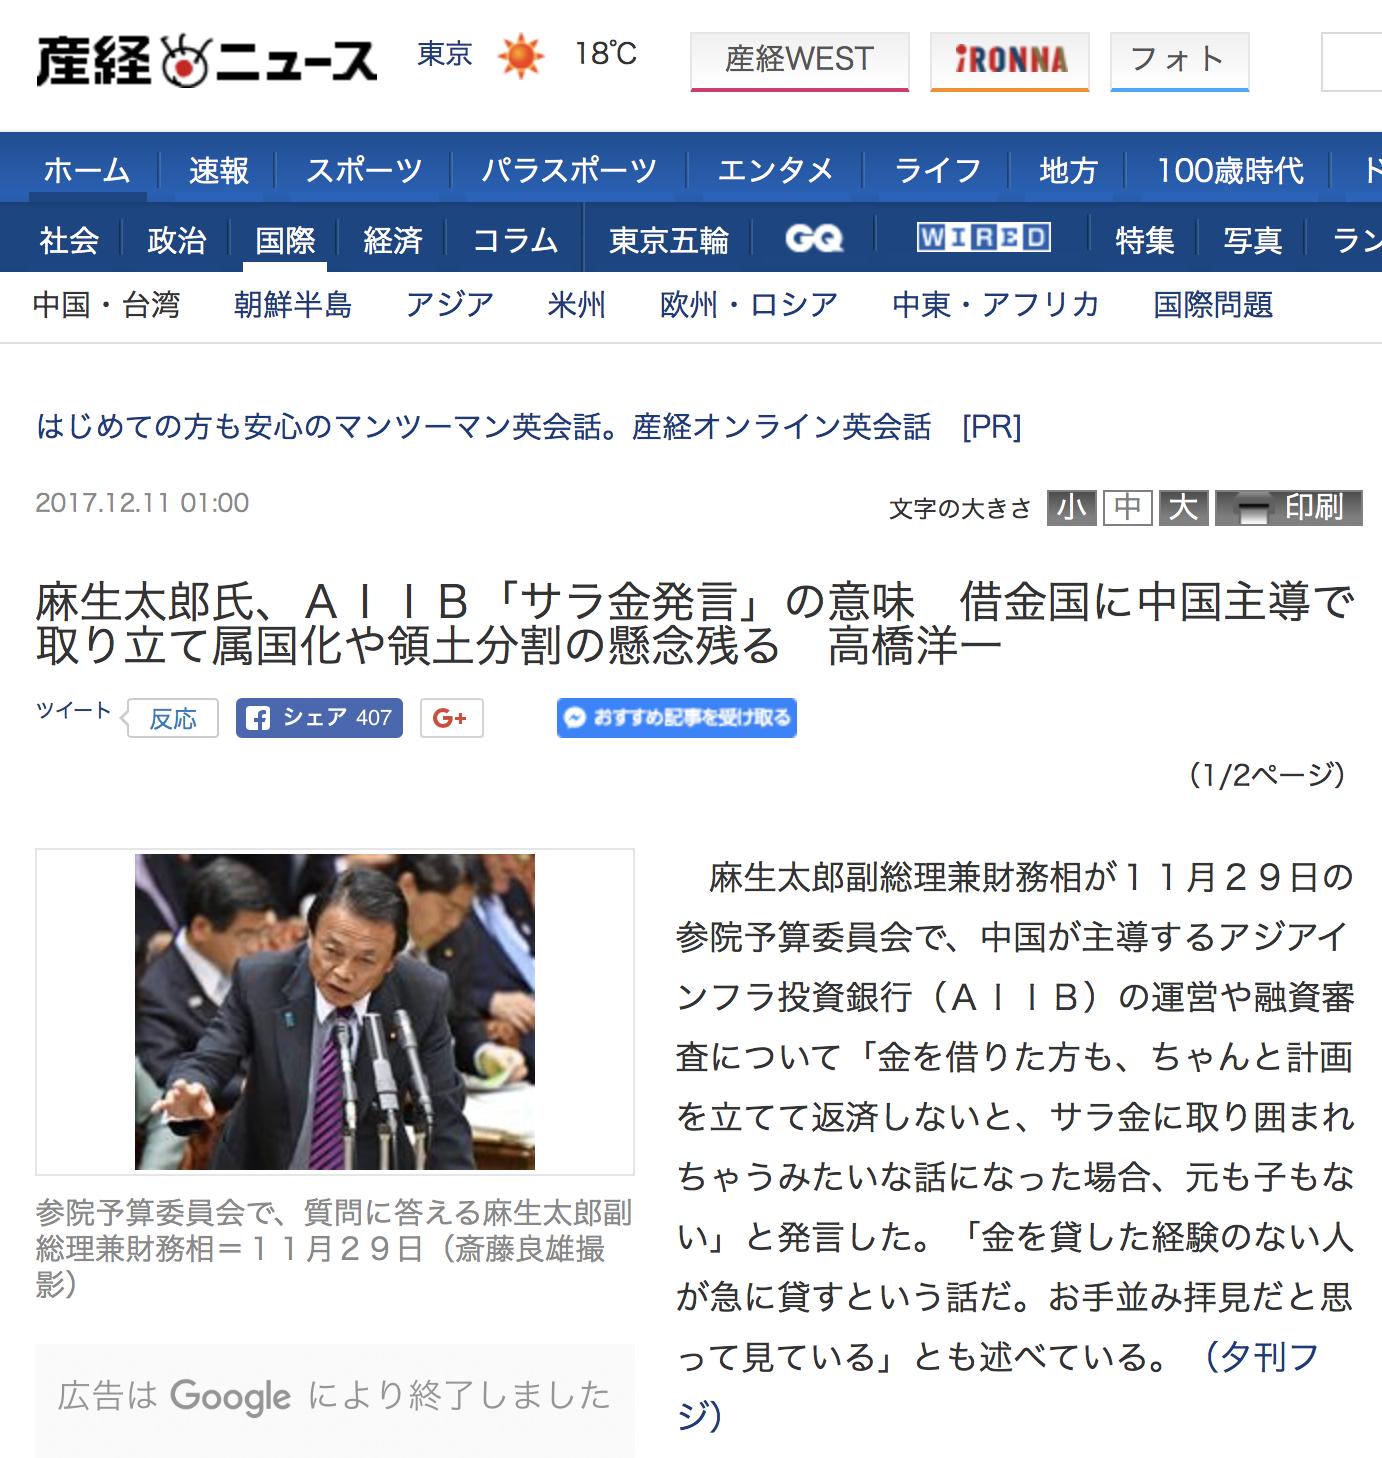 麻生太郎大臣発言